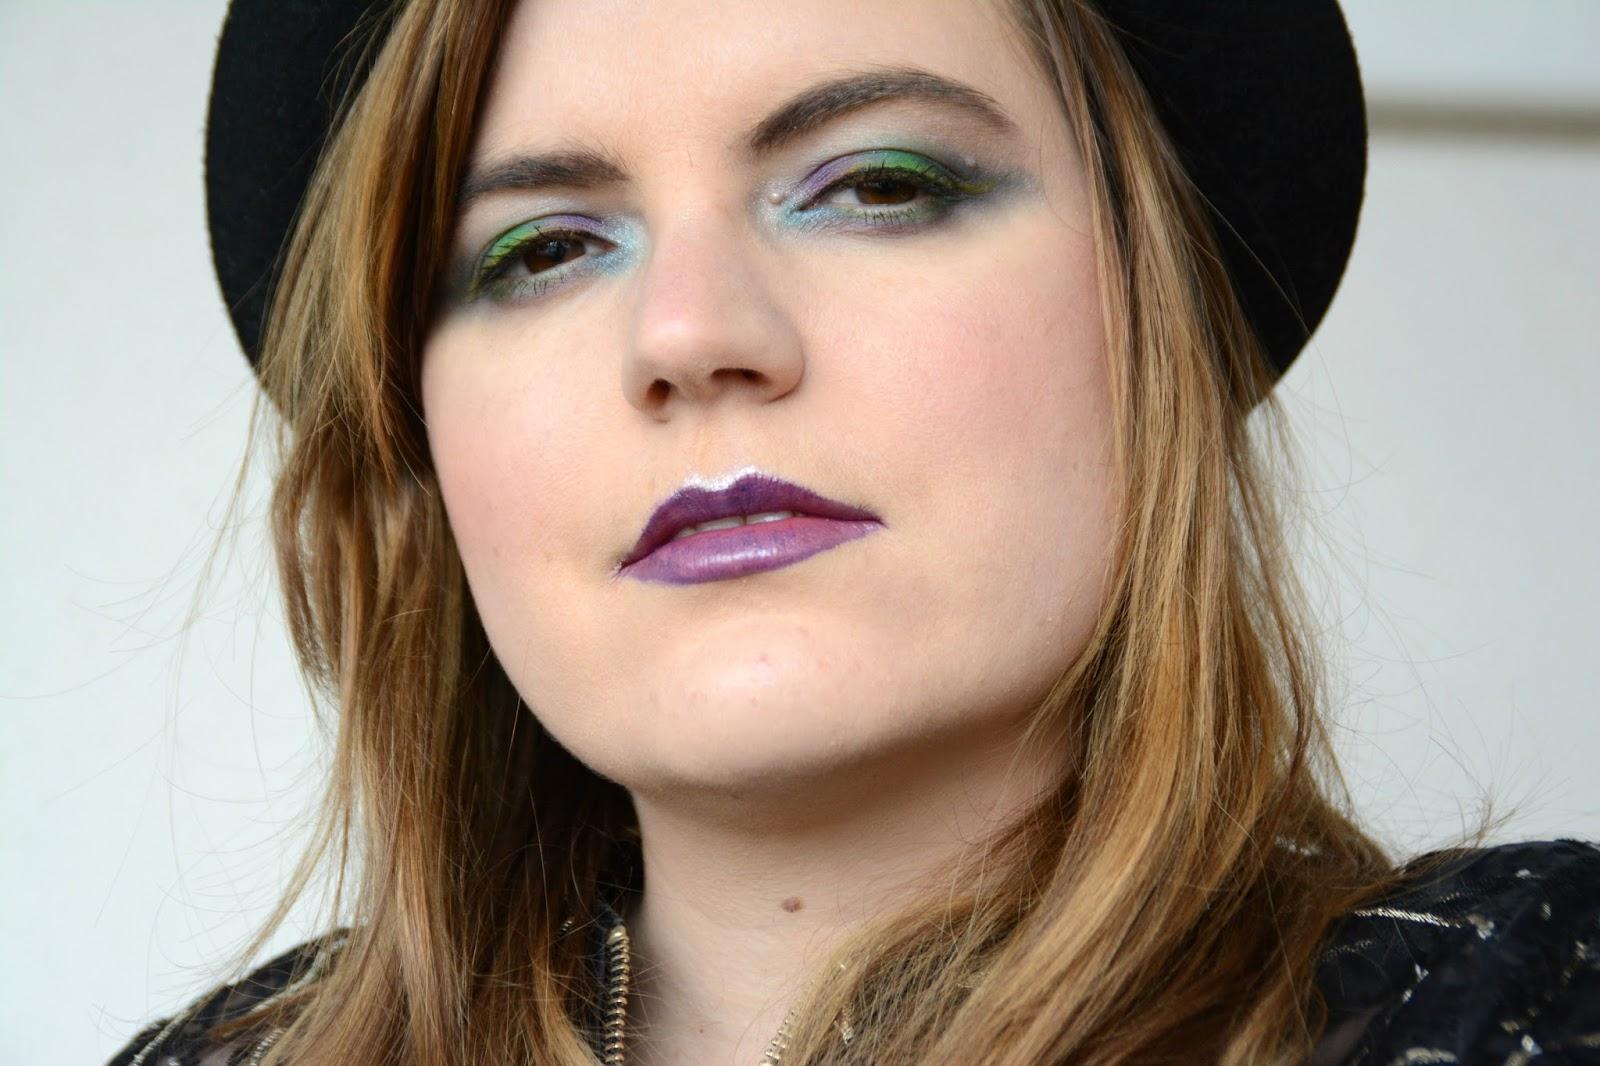 Conseils beauté : que faut-il faire pour avoir une belle peau ?